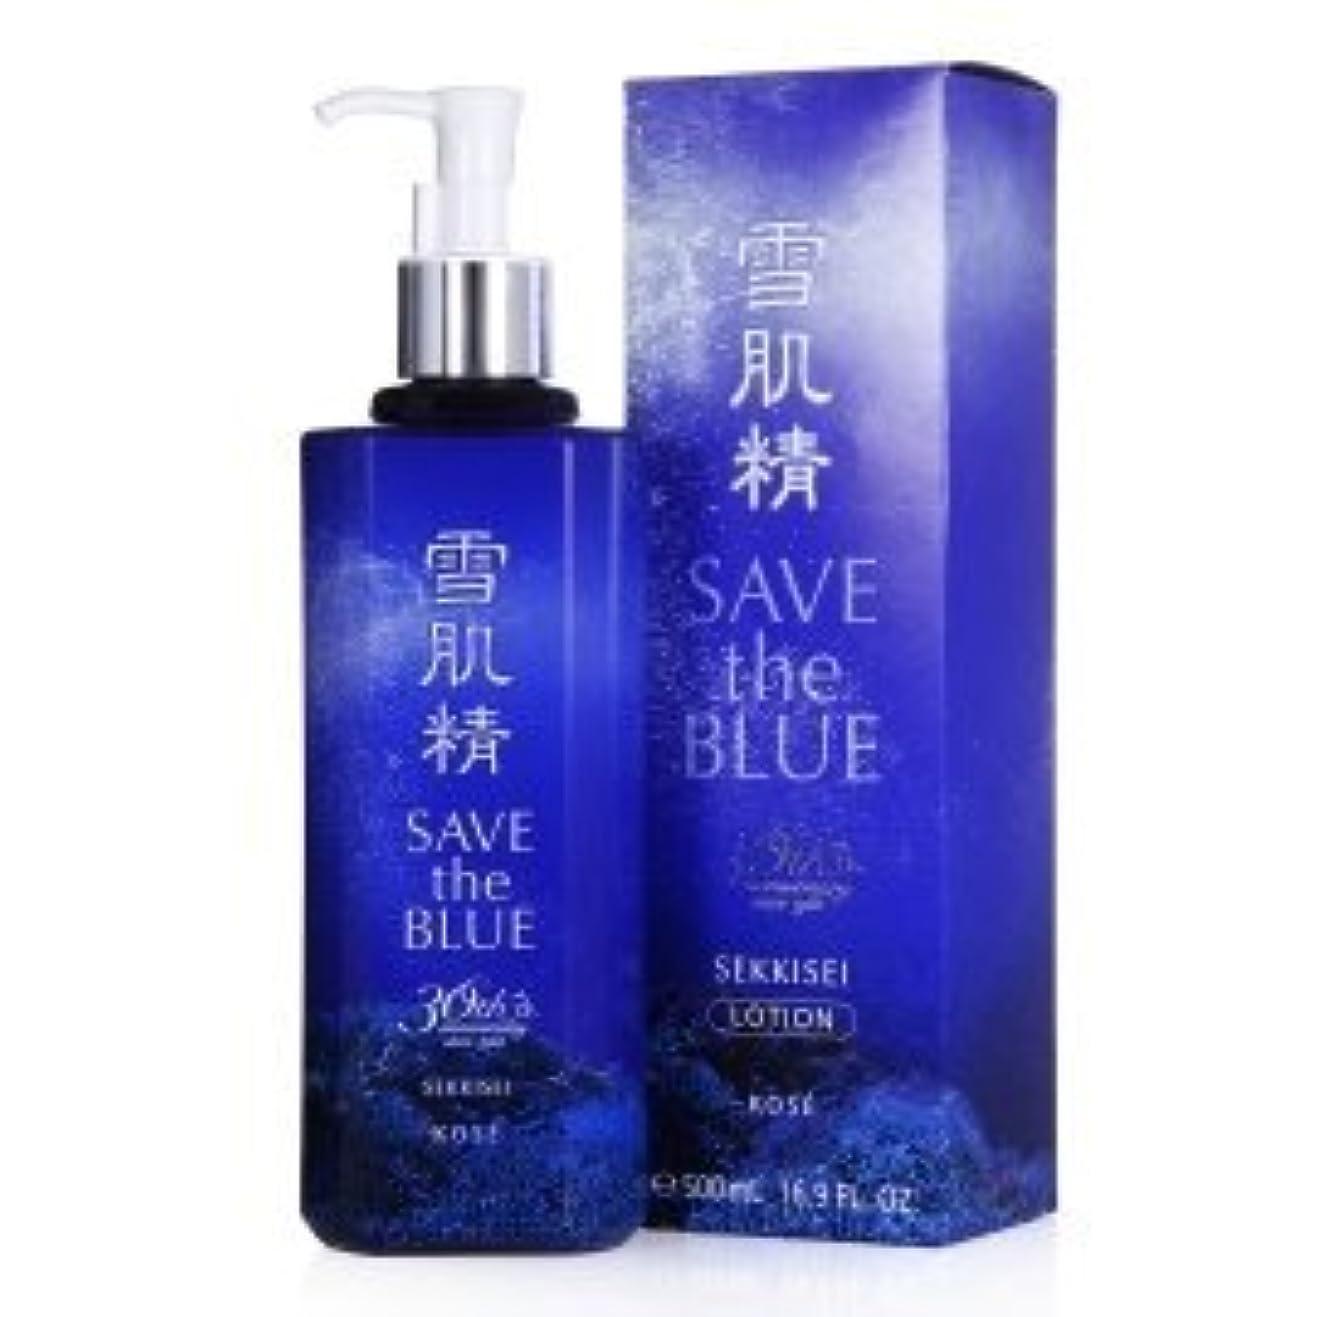 メタンからアルコールKOSE コーセー 薬用 雪肌精 化粧水 500ml 【SAVE the BLUE】